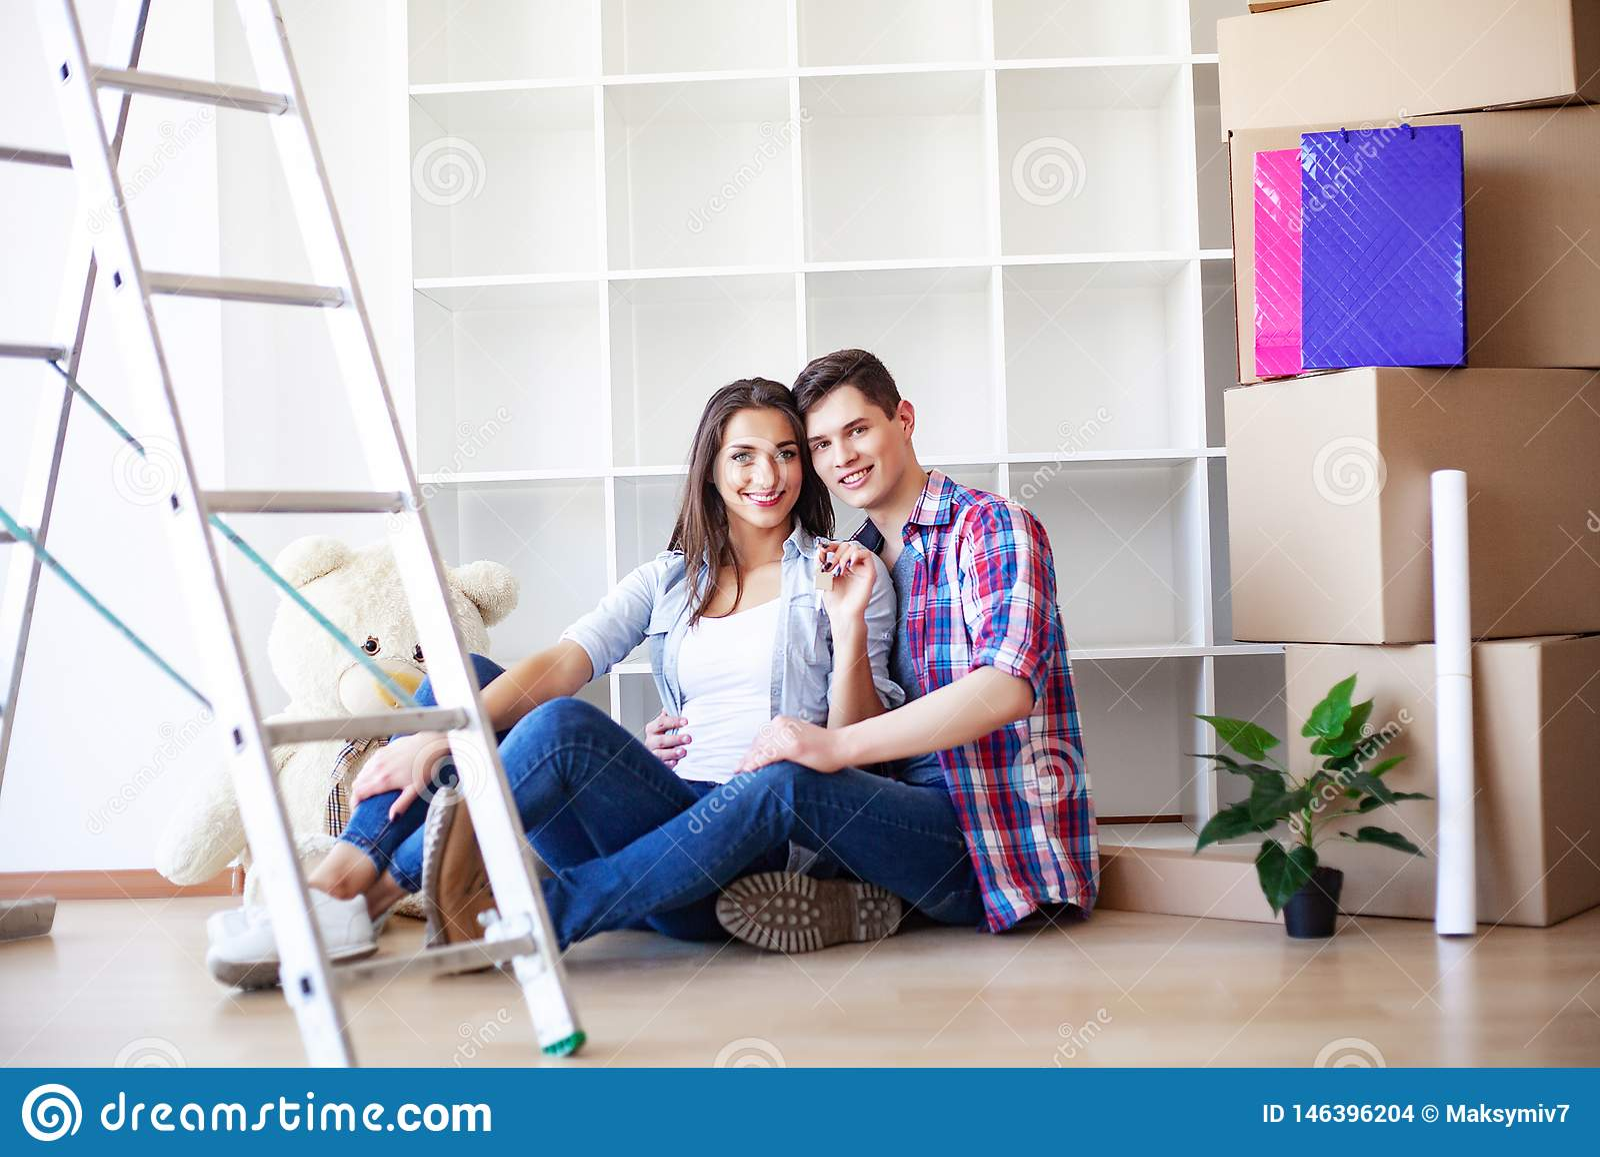 Jong gelukkig paar dat zich in hun nieuw huis beweegt Zij die en nieuw huis uitpakken schoonmaken